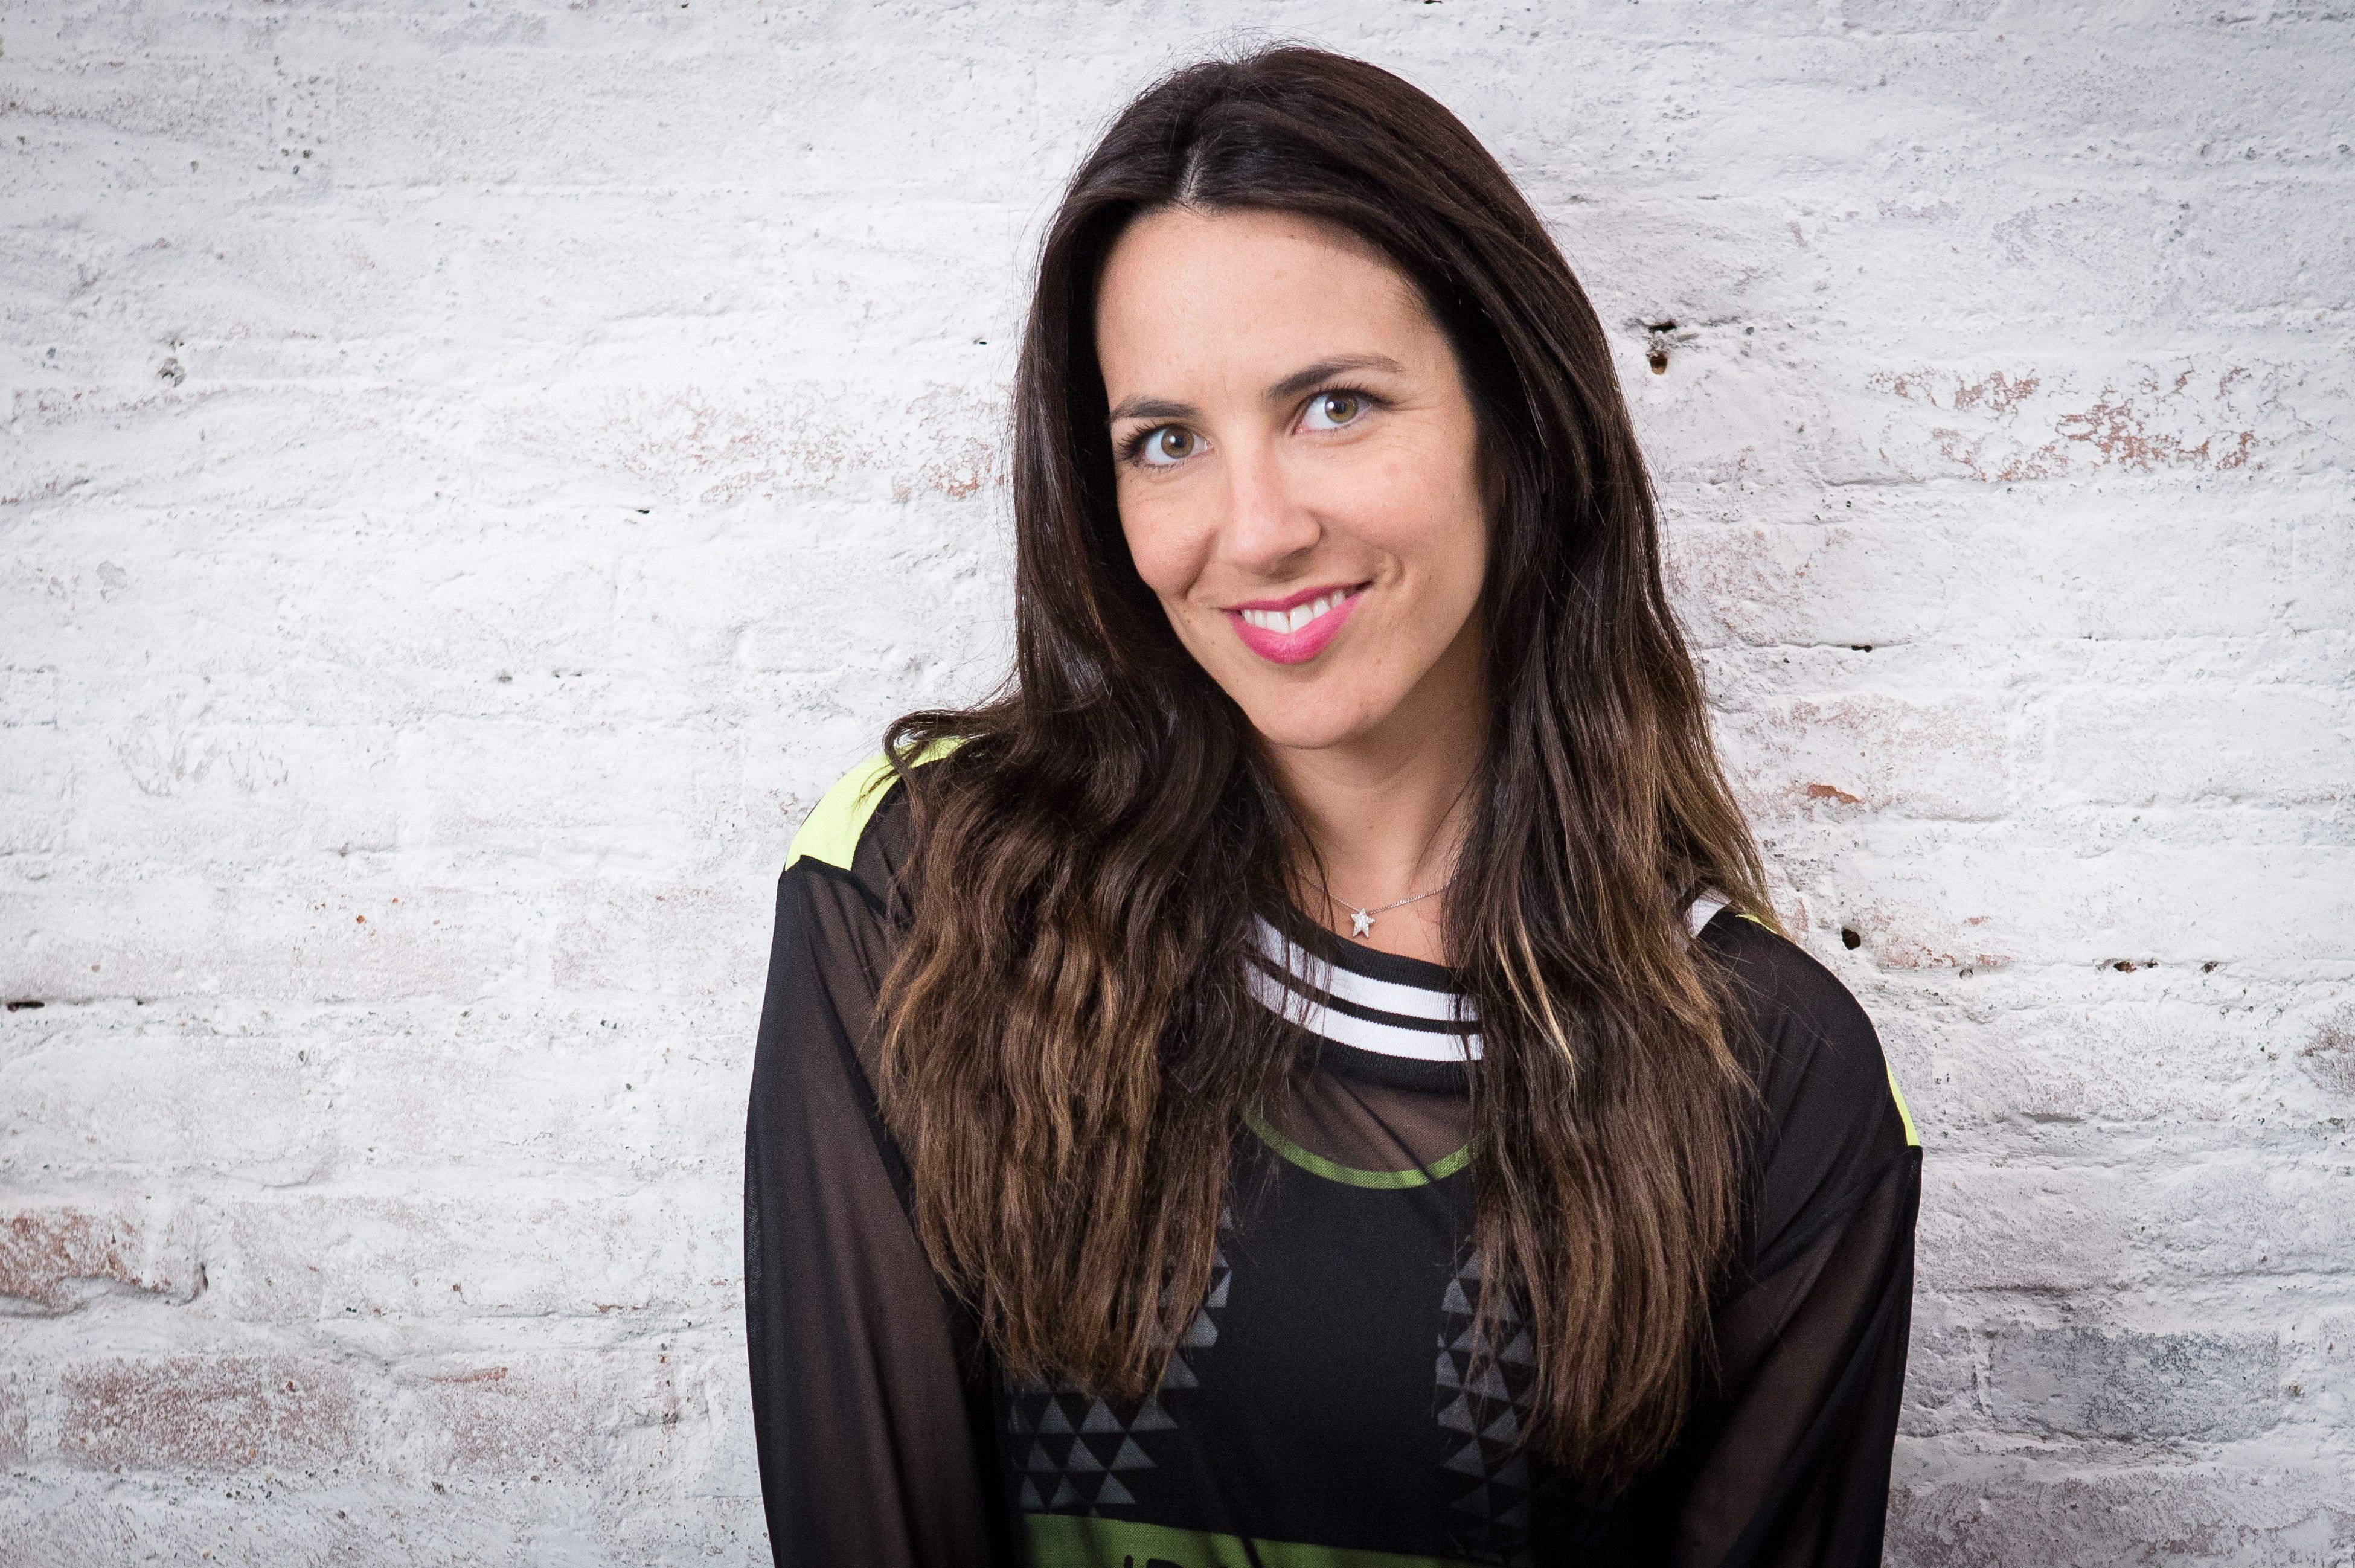 Irene Junquera ('GH VIP 7') confiesa que tiene un tumor en la cabeza